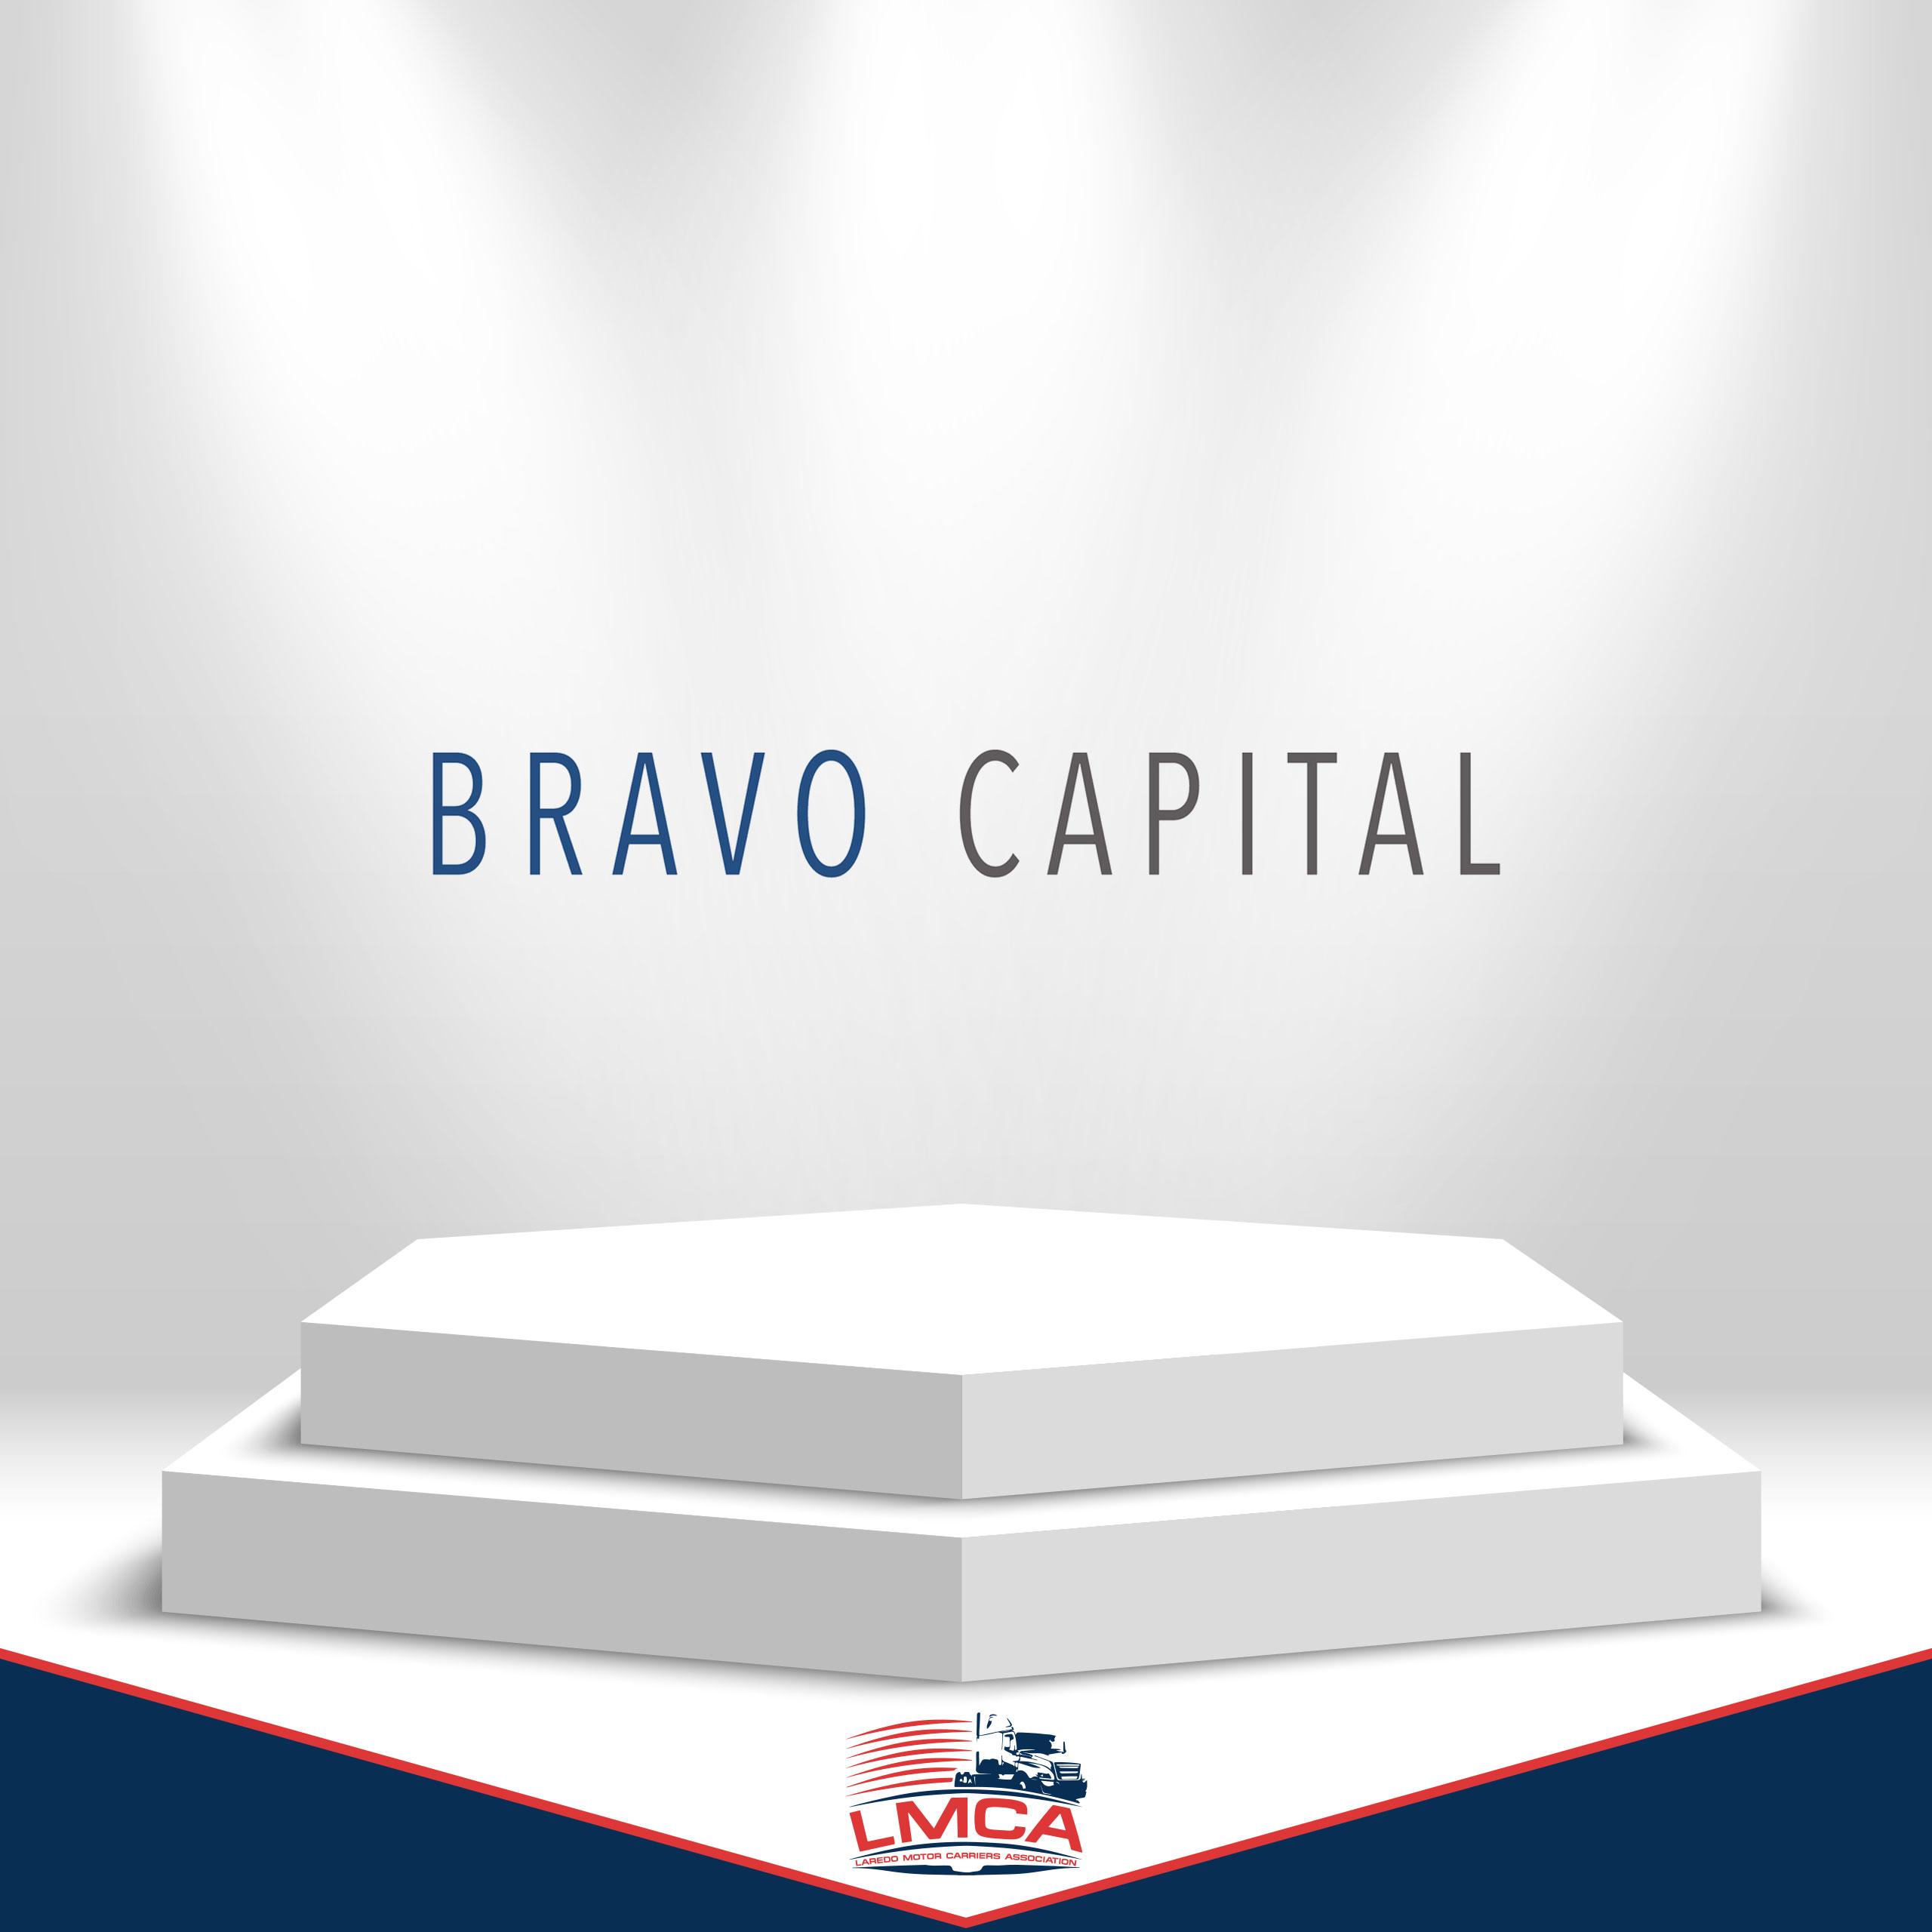 bravo capital